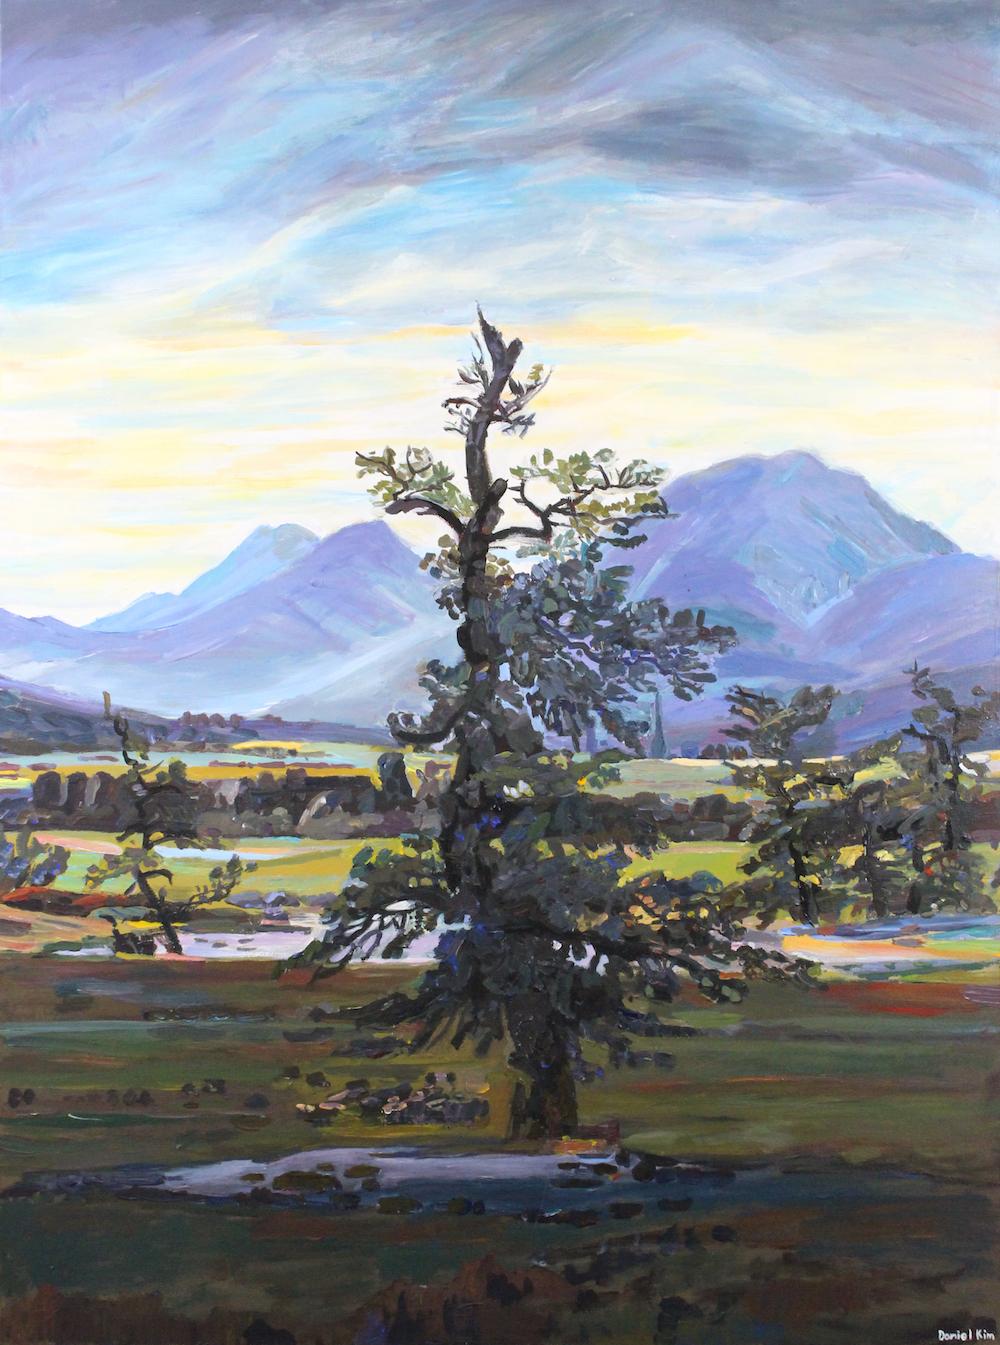 Landscape after the romantics, 2018, acrylic on canvas, 91x121cm